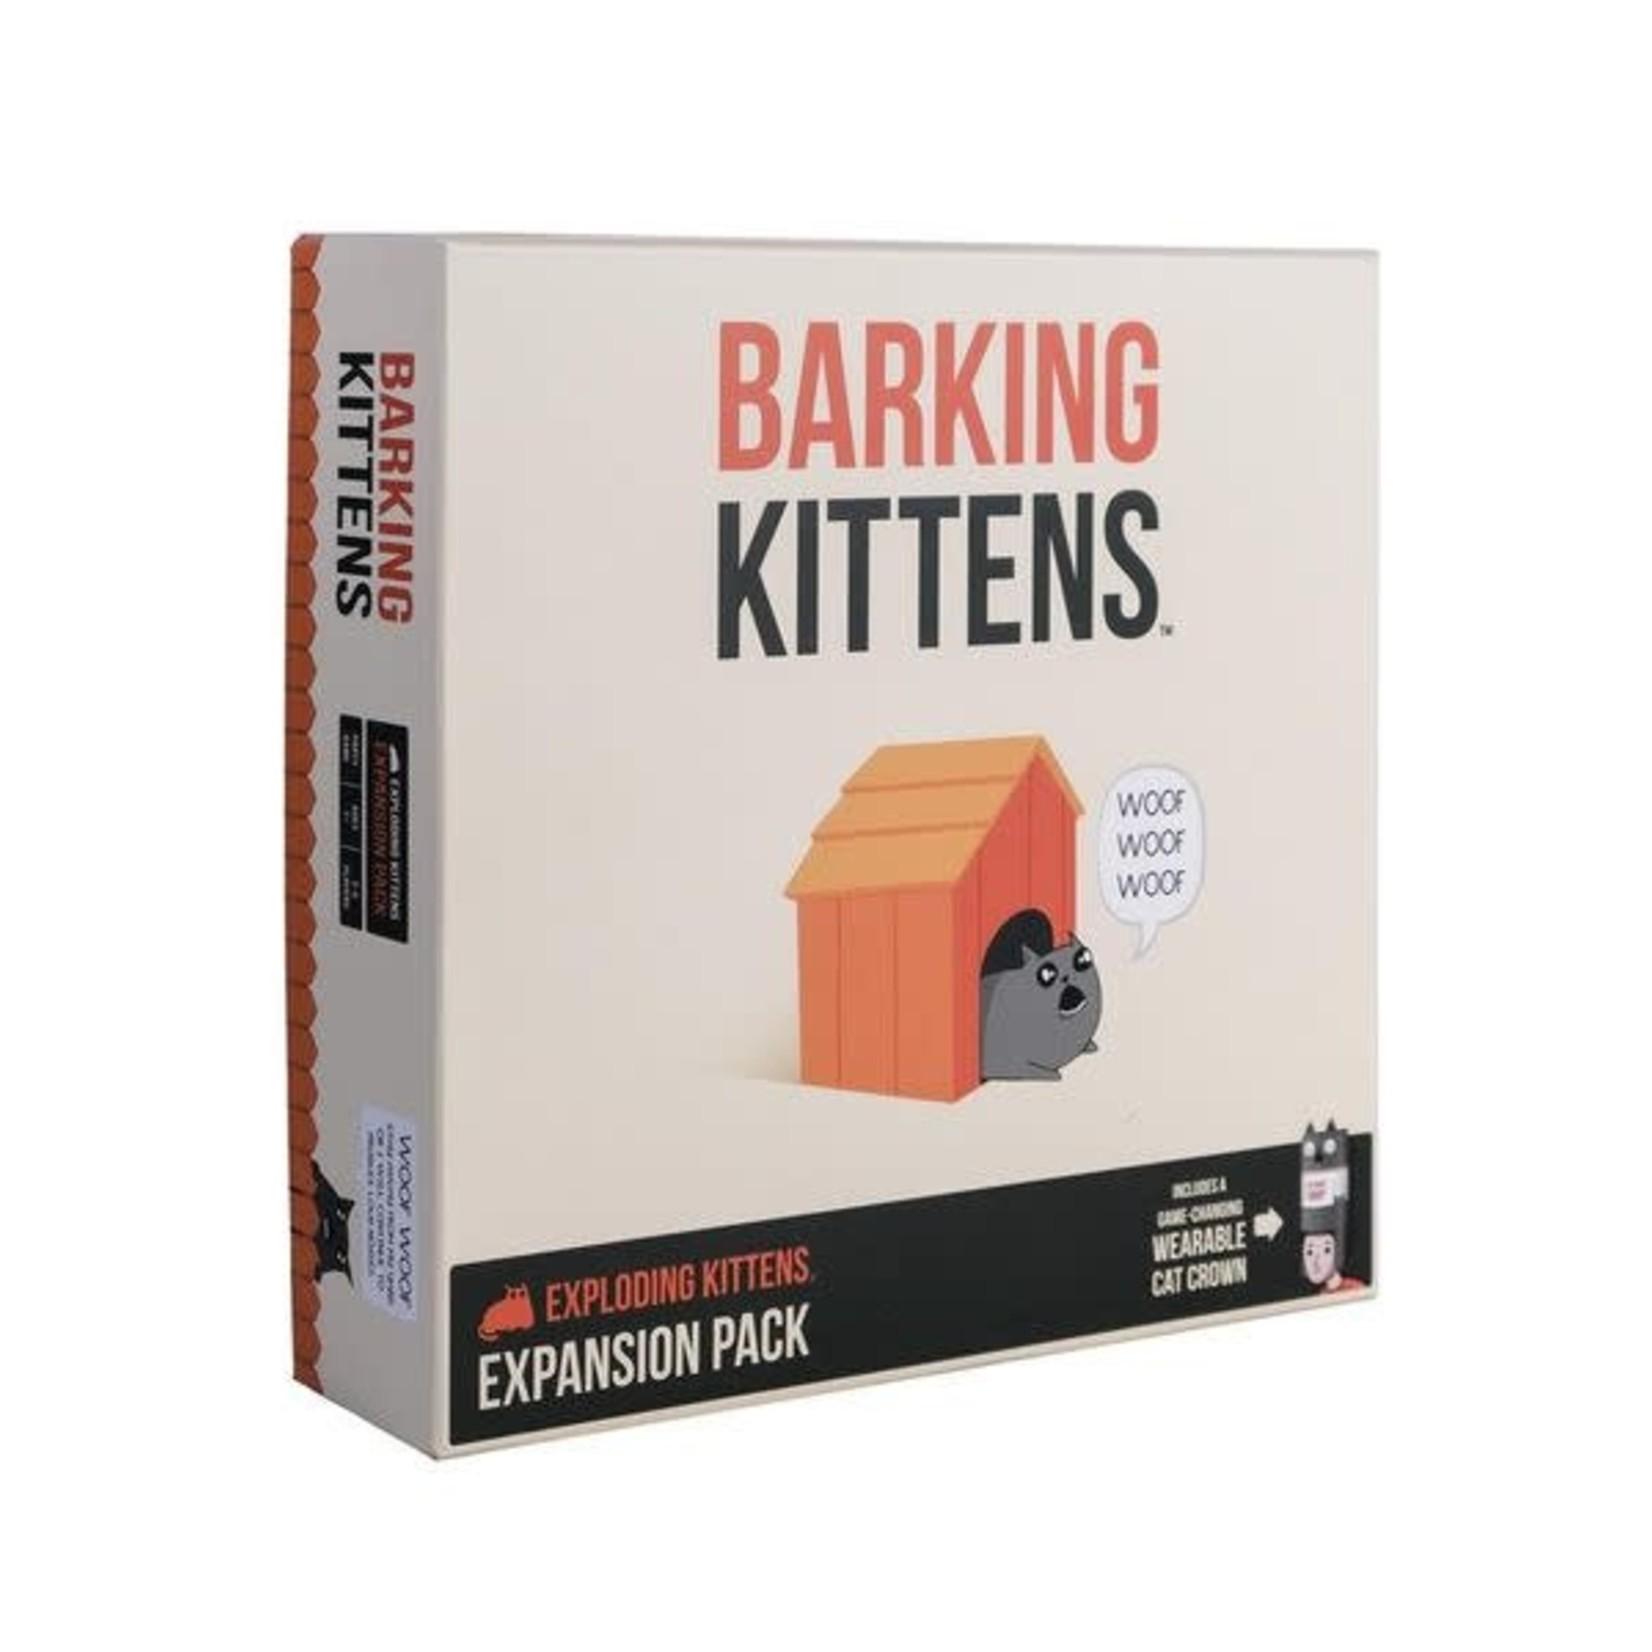 Exploding Kittens LLC Barking Kittens